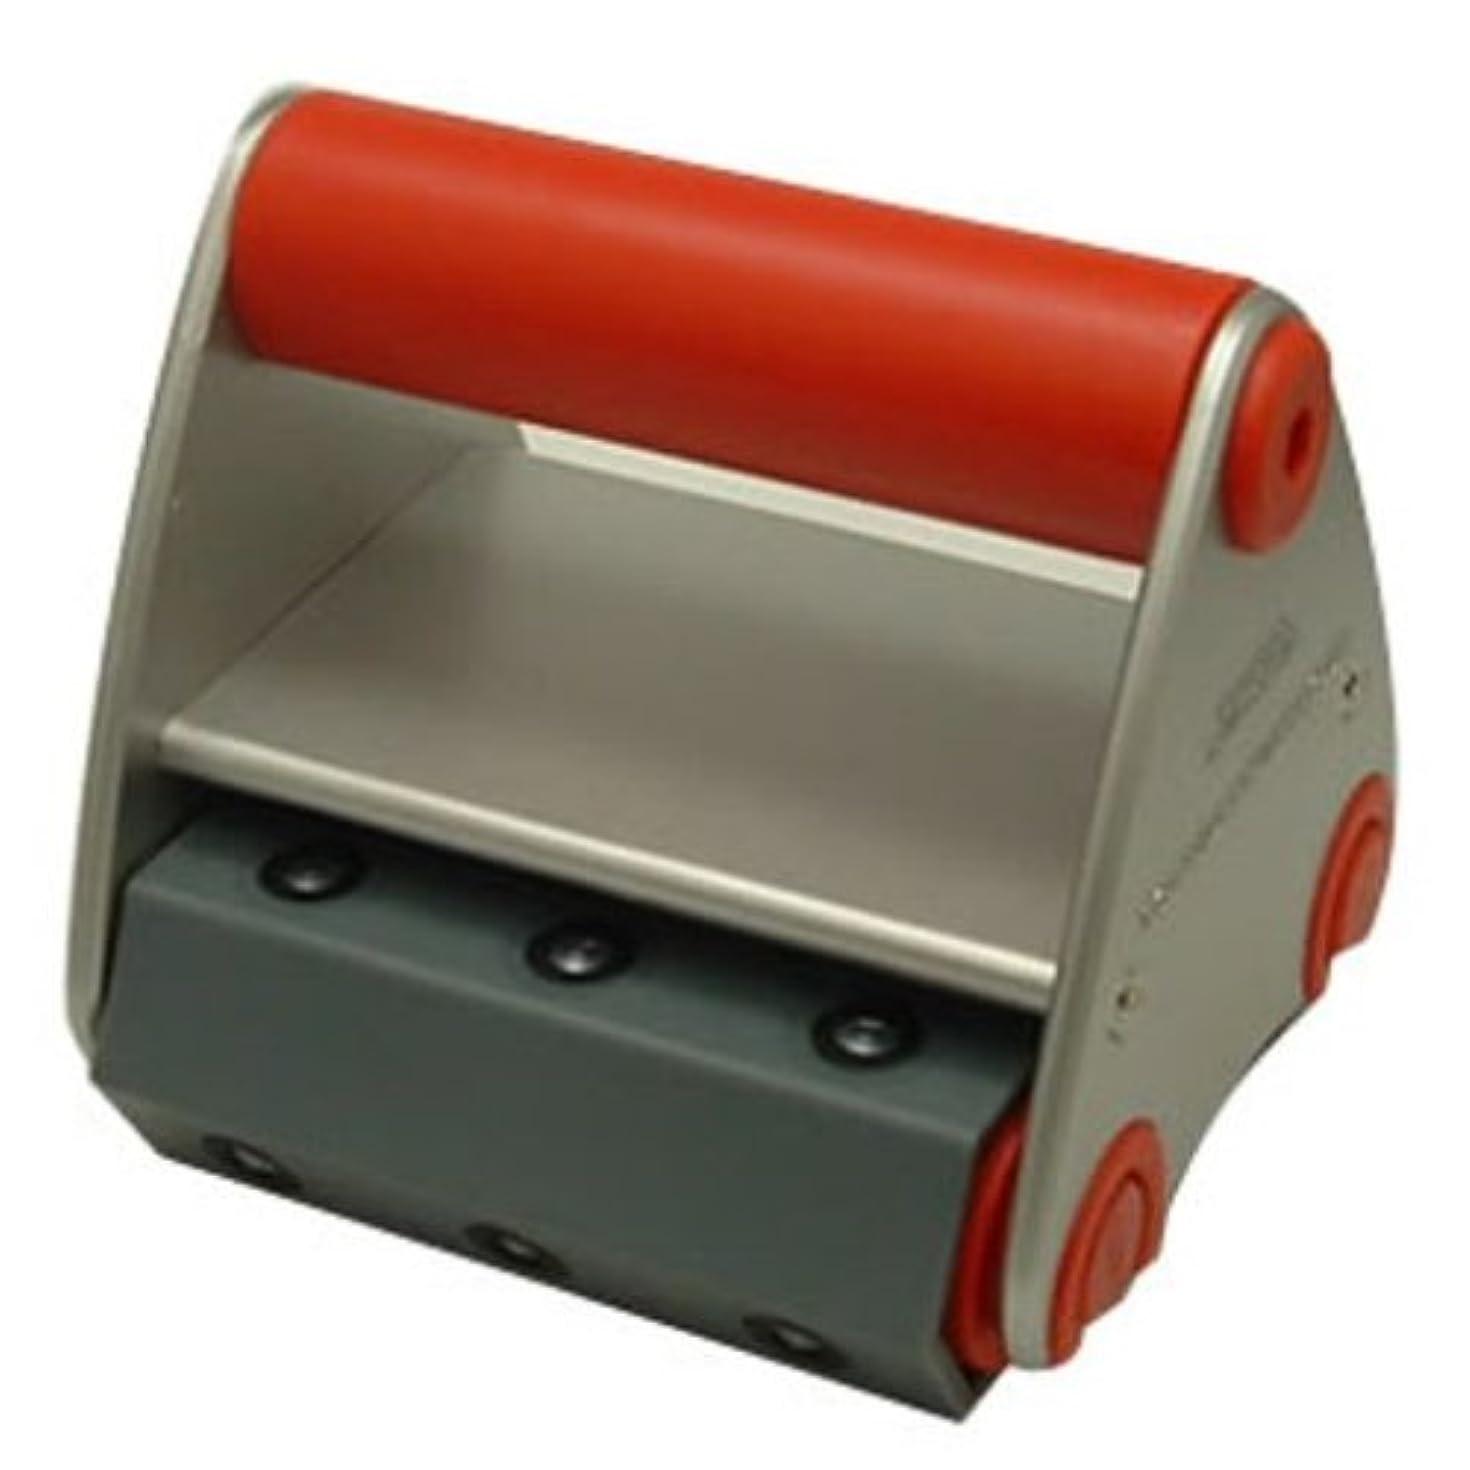 一元化する発信米ドルゲルマニウムセルアウトローラー(ボディ用)